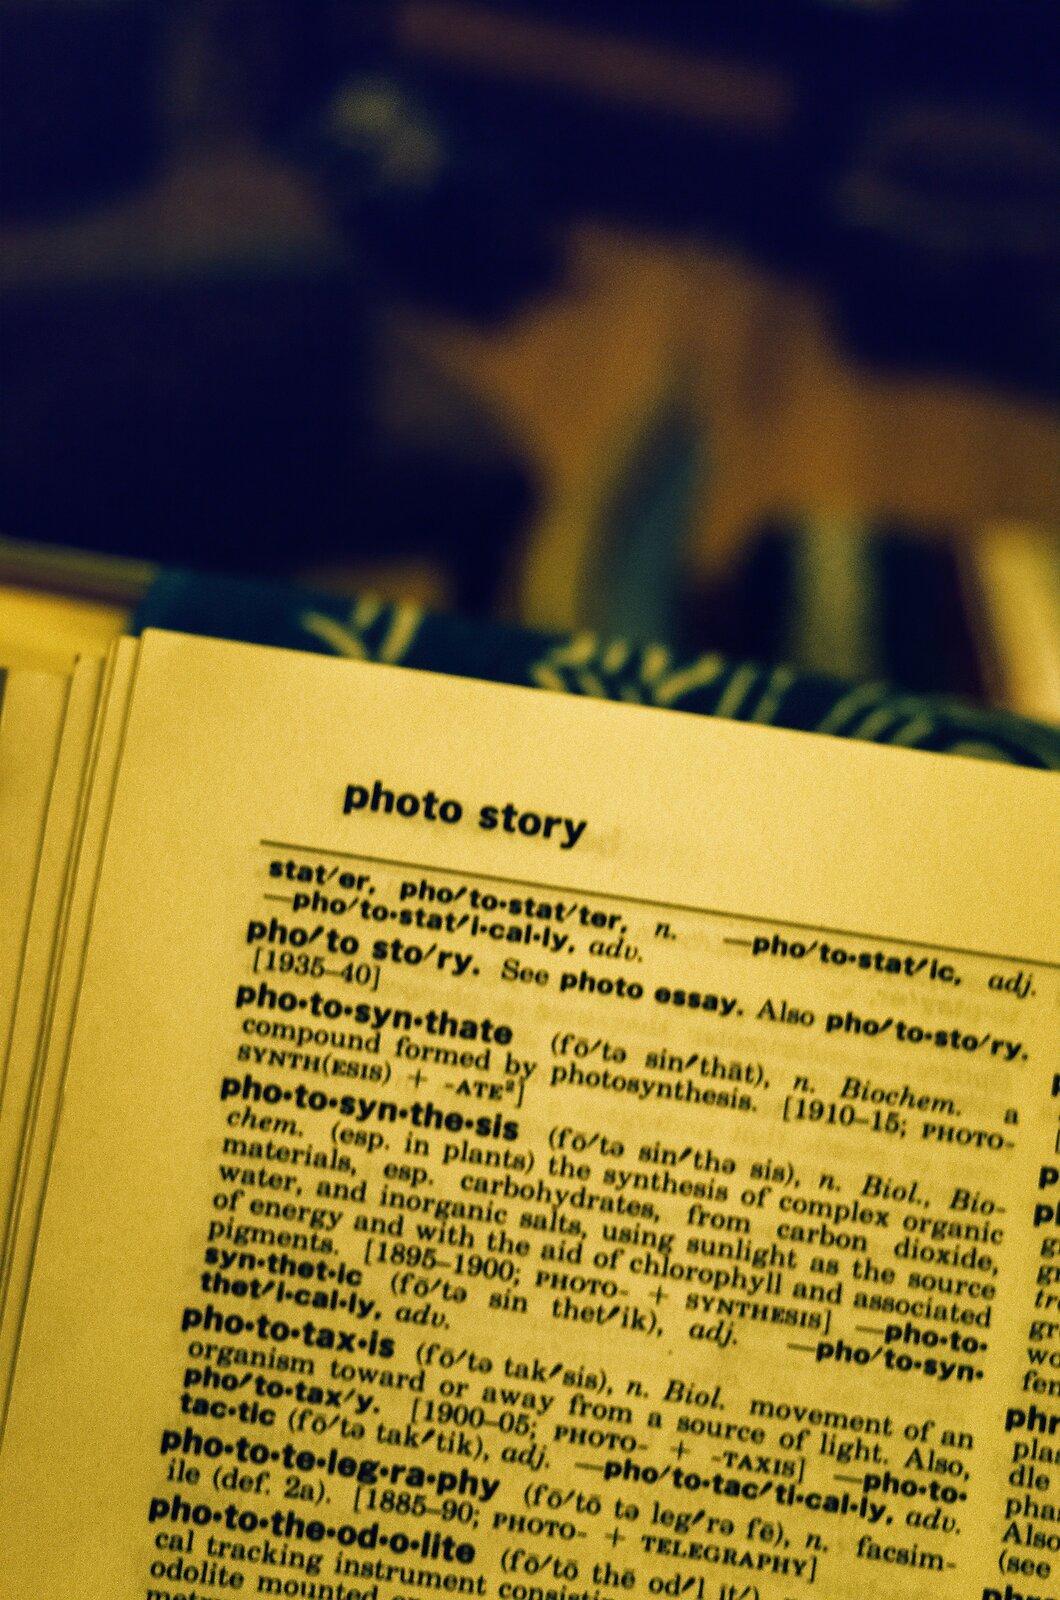 GRII_Nov30_Photo_story.jpg